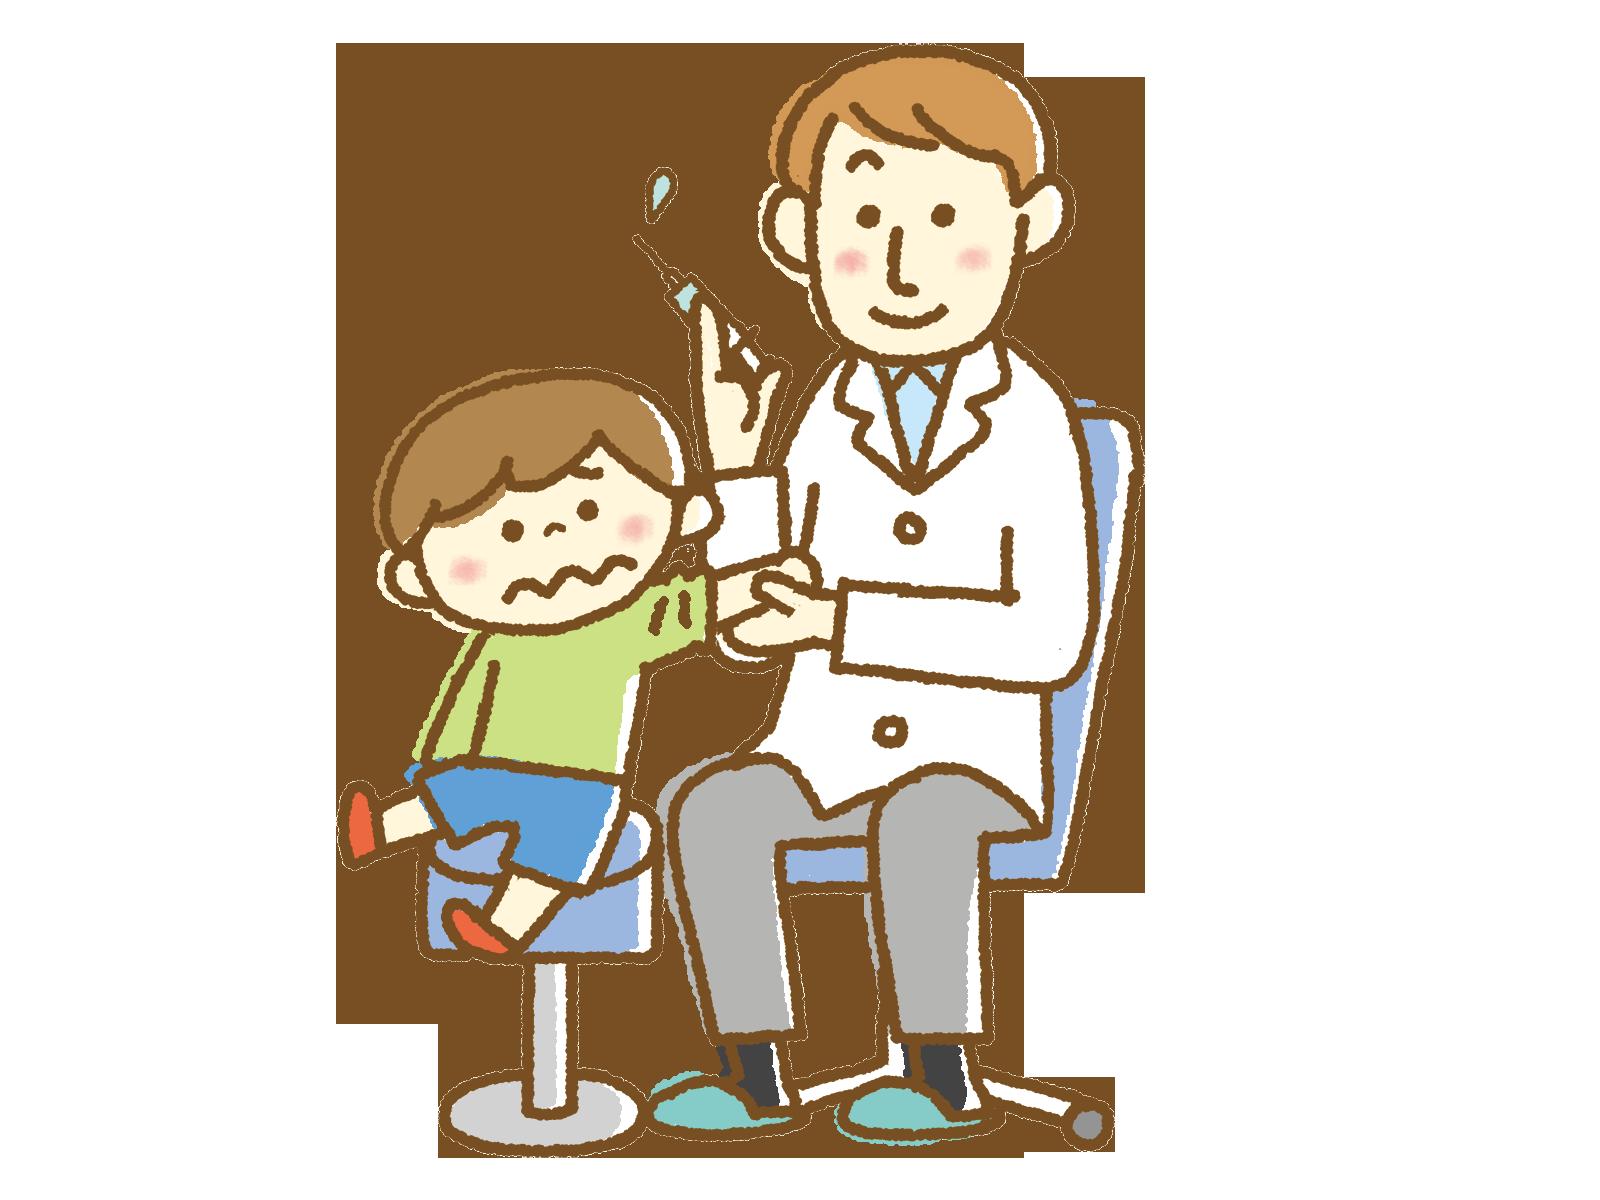 論文撤回あり:前シーズンのインフルエンザワクチンは、今シーズンに影響するか?